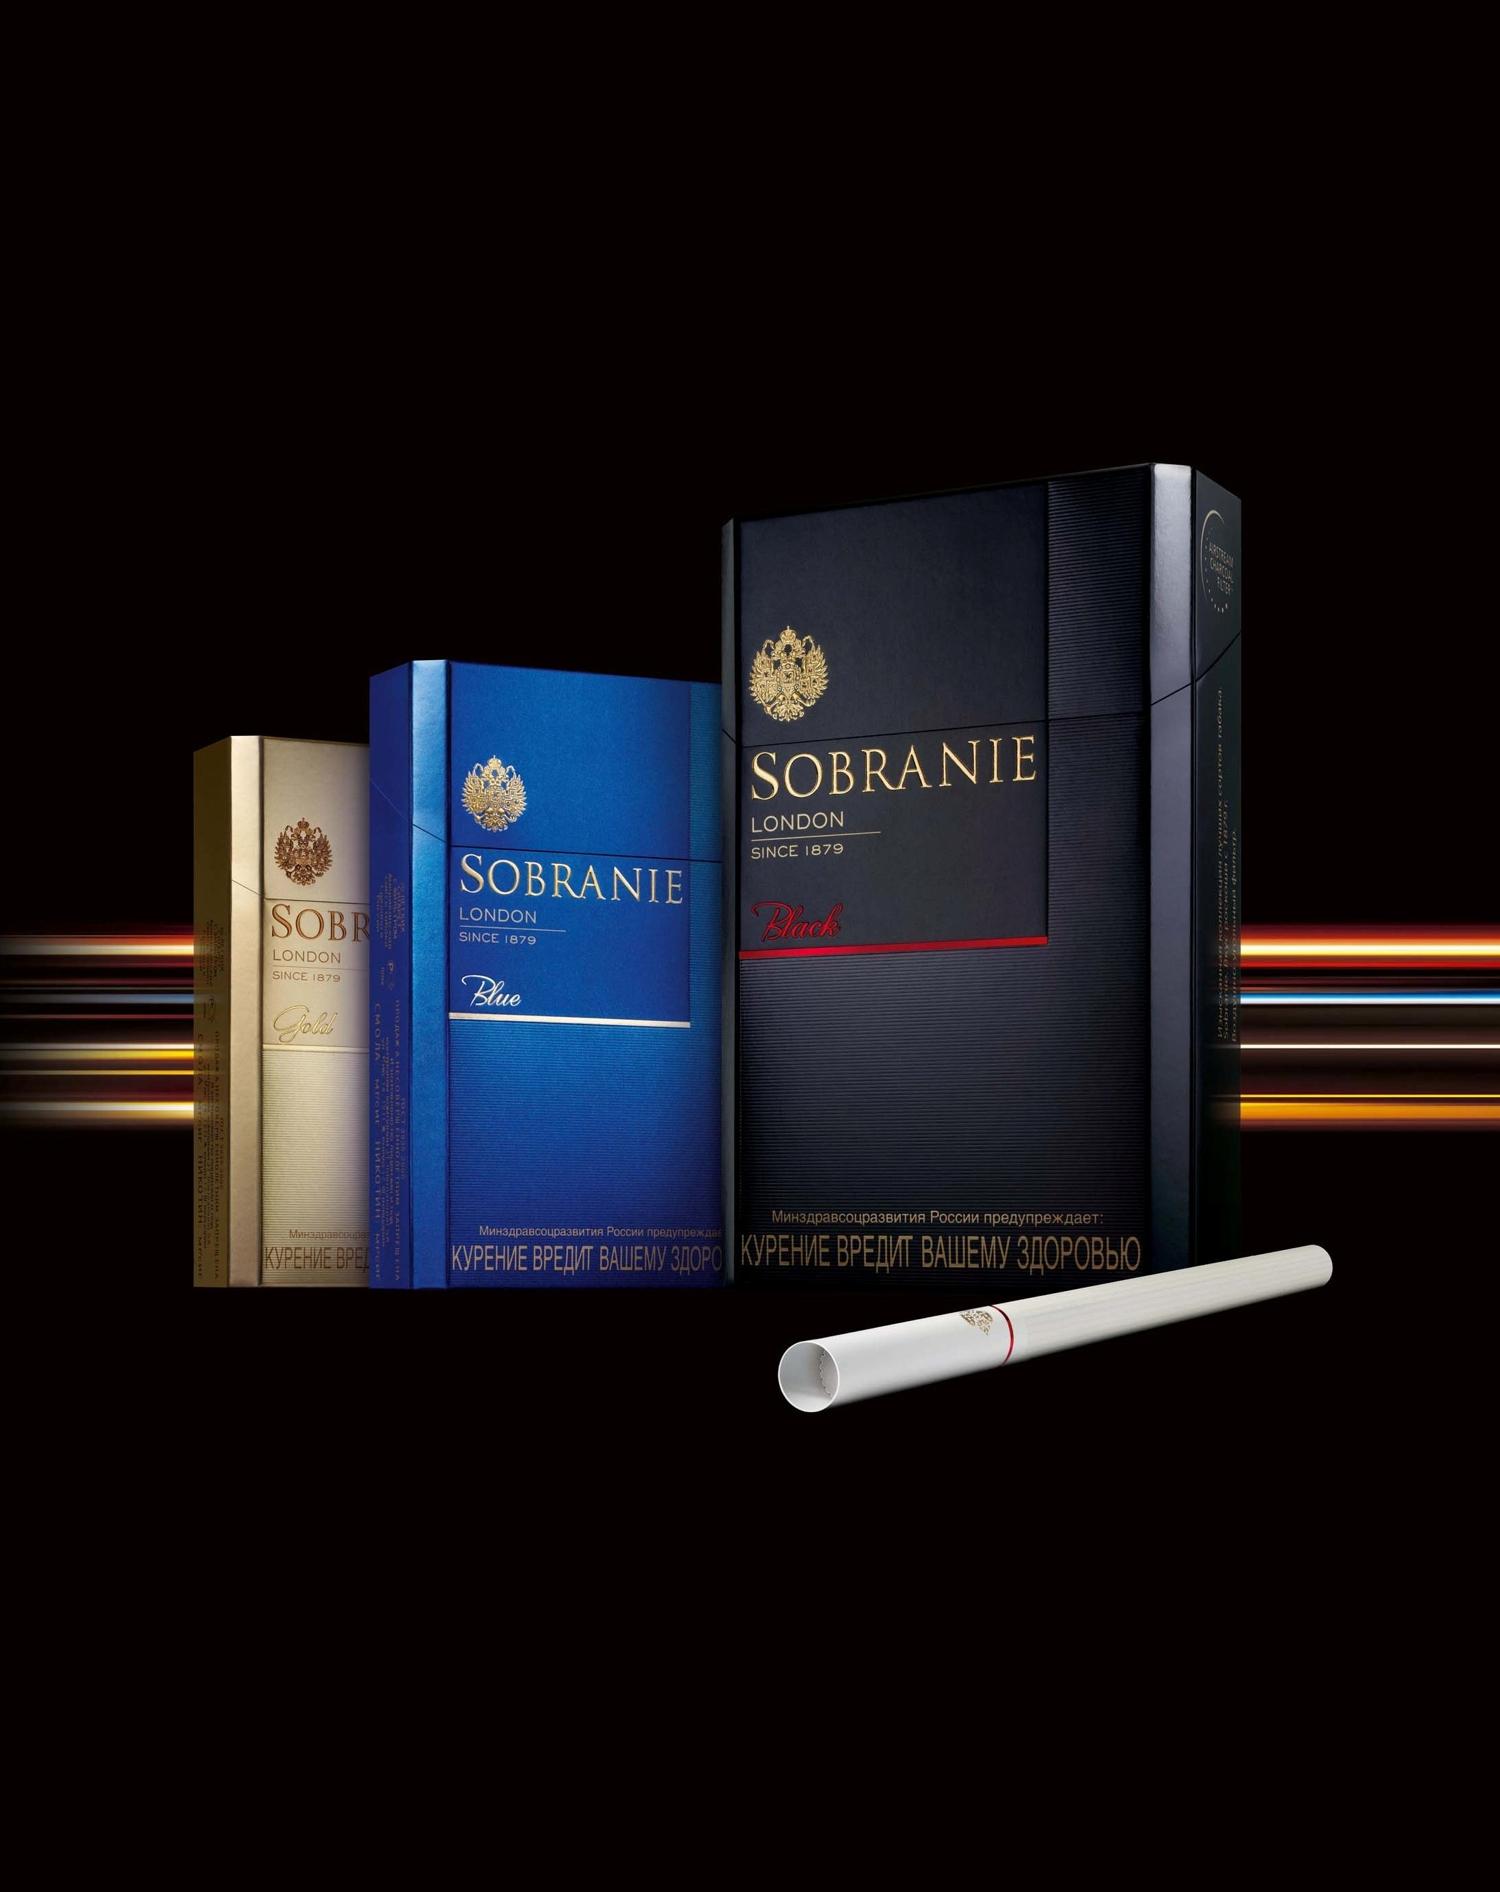 Сигареты из лондона купить сигареты мелким оптом в бийске